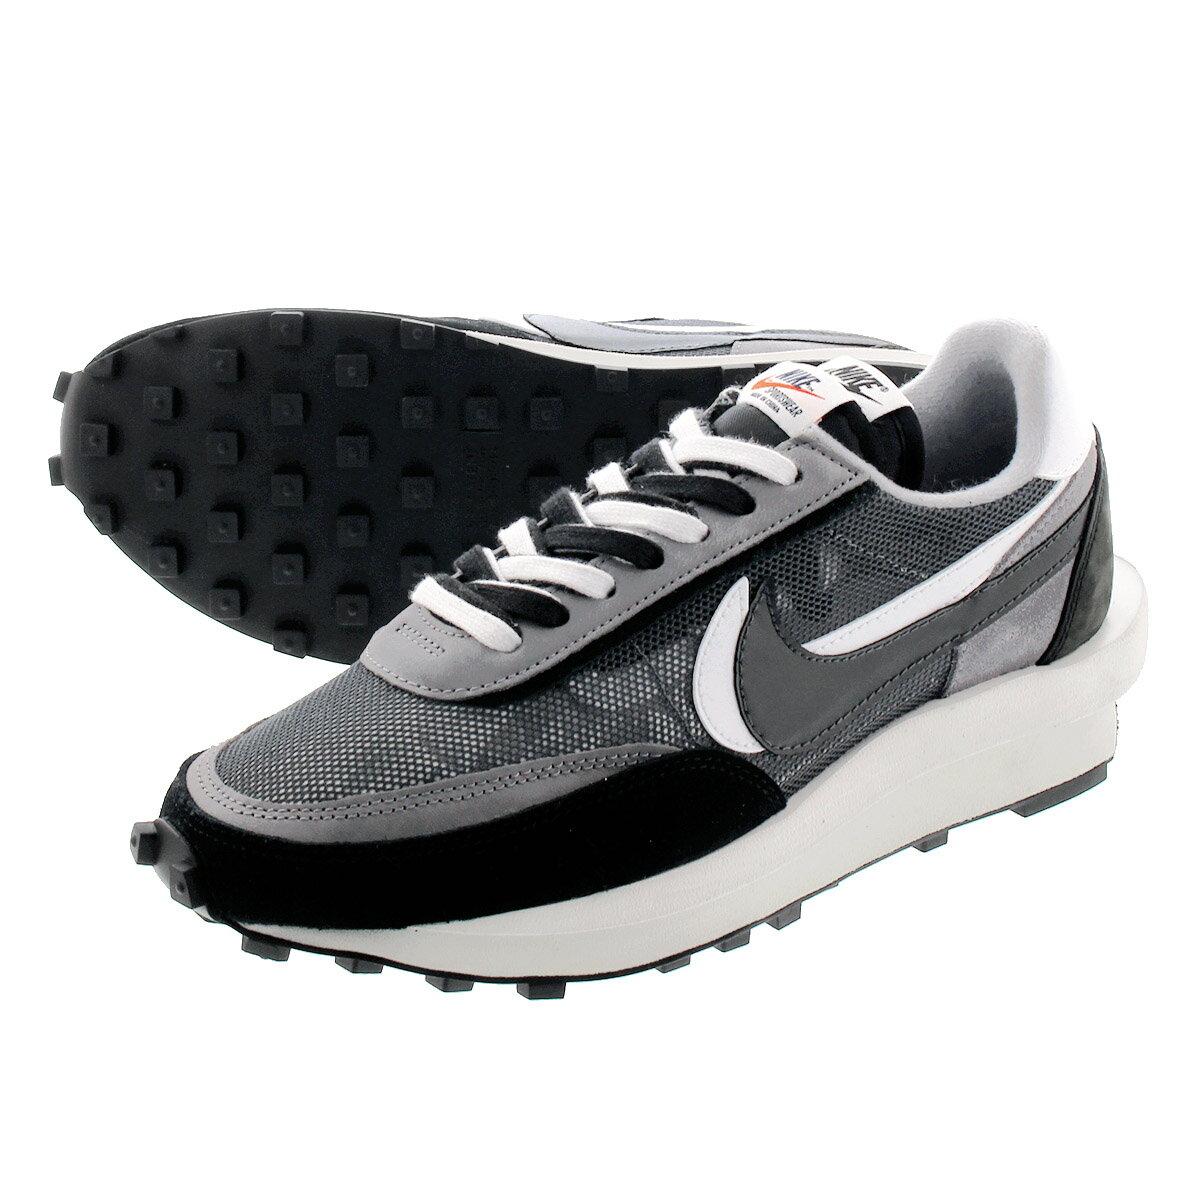 メンズ靴, スニーカー sacai x NIKE LD WAFFLE x LD BLACKANTHRACITEWHITE bv0073-001